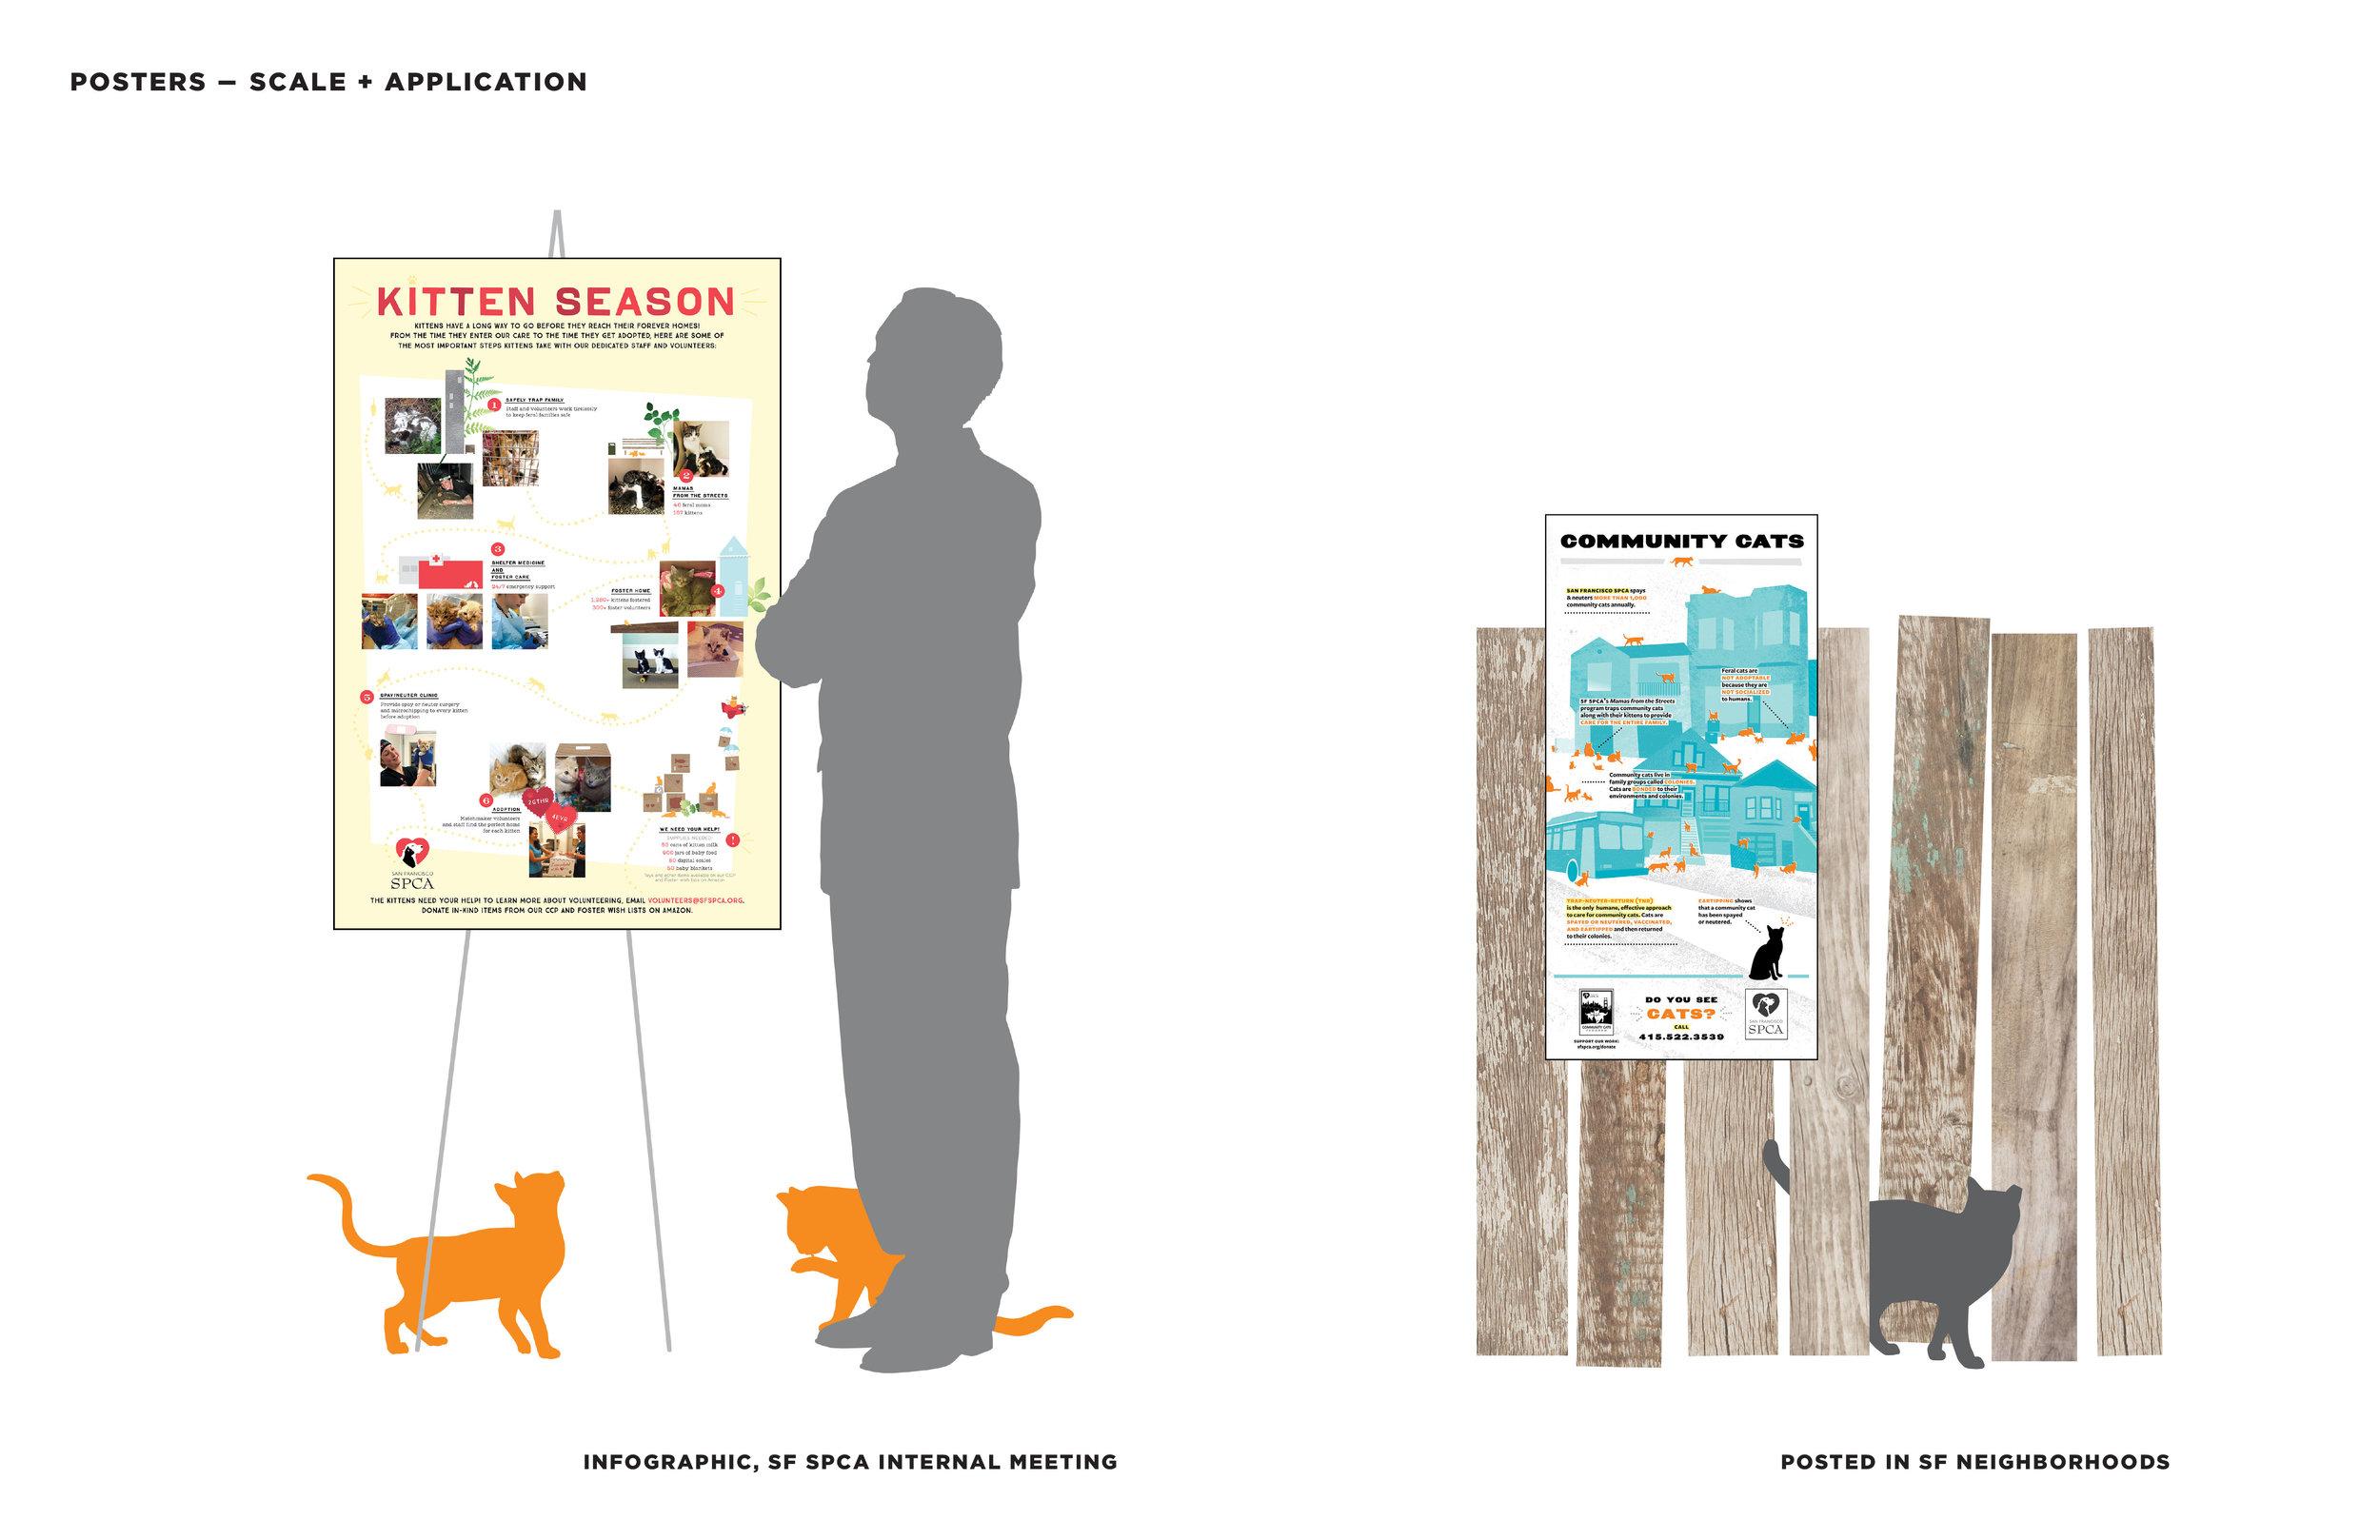 SPCA_posters_scale.jpg